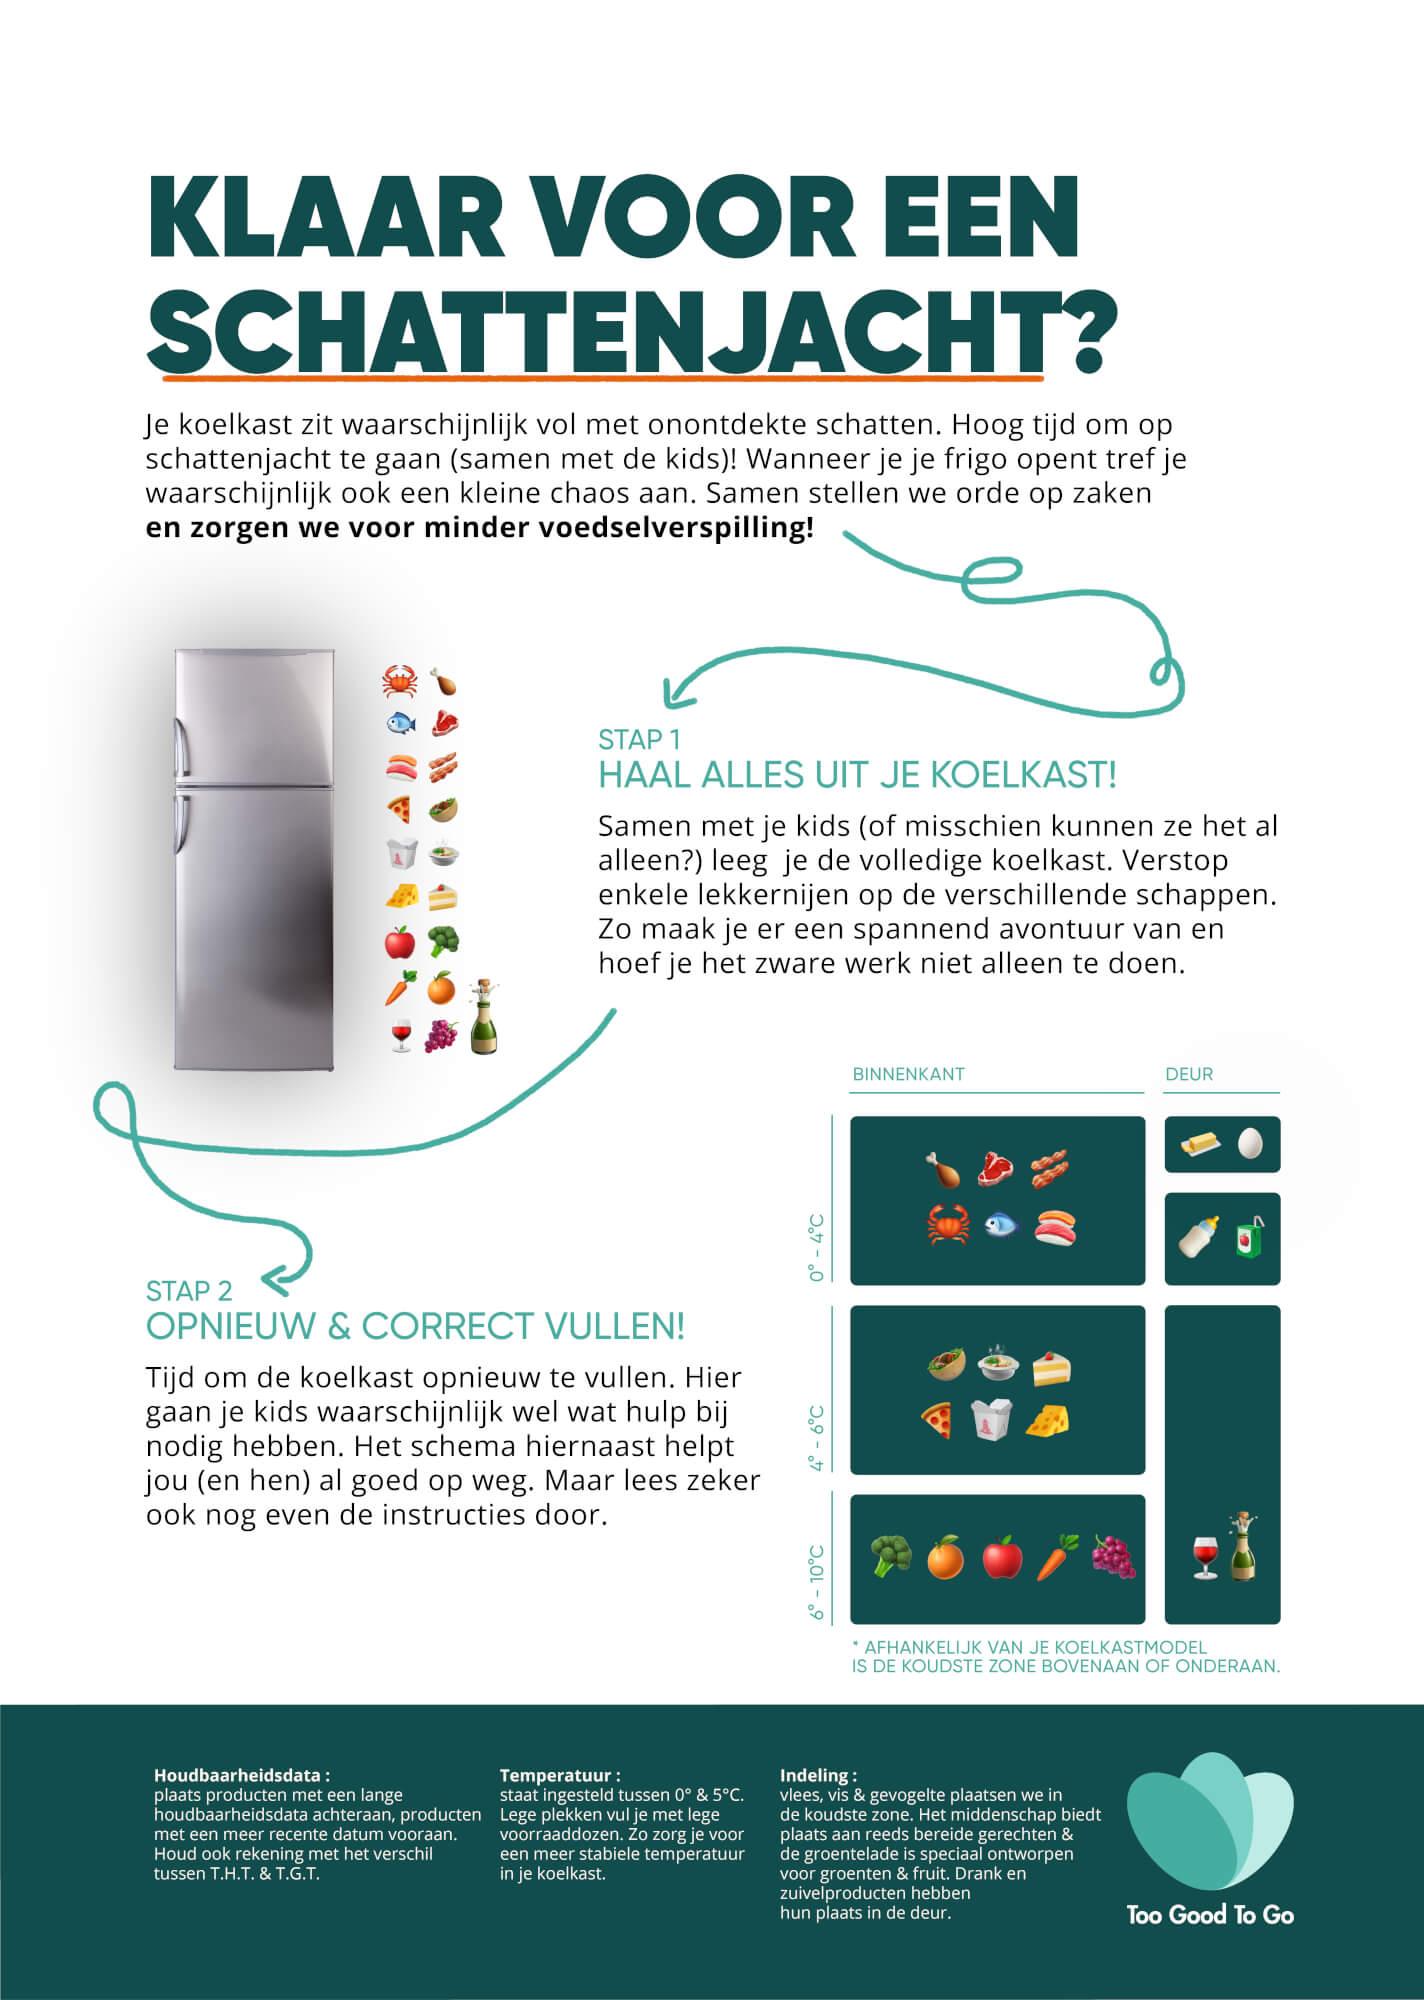 YLEzrzxFDsOGWhvy - De koelkast op de juiste manier organiseren, zelfs samen met je kids!